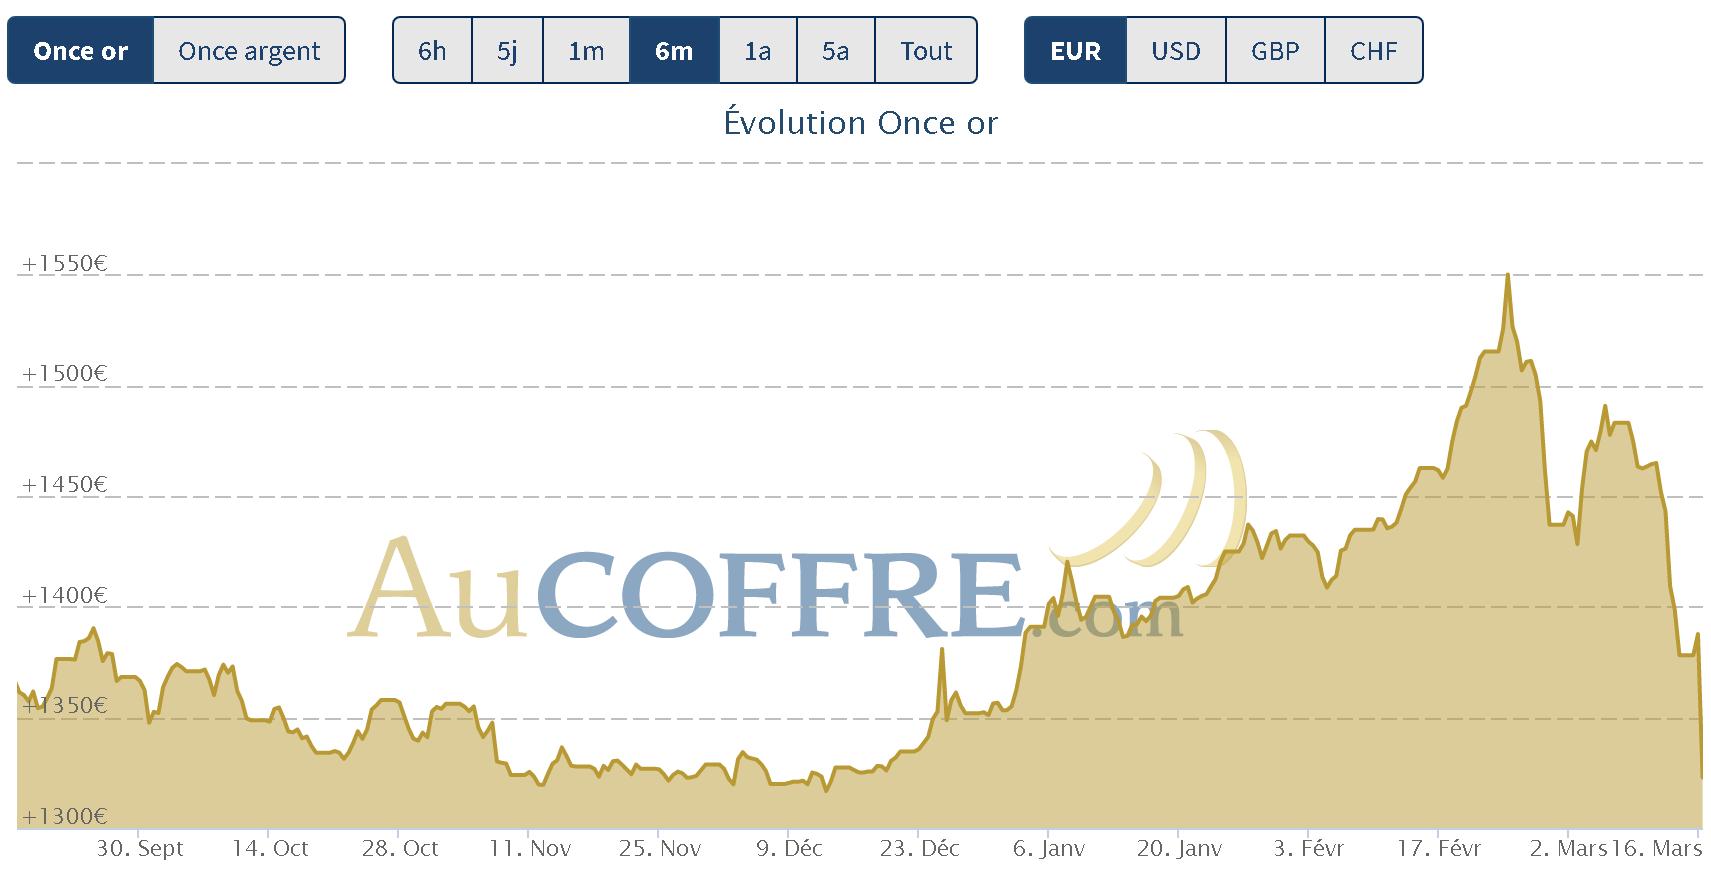 baisse cours de l'or coronavirus et crise financière